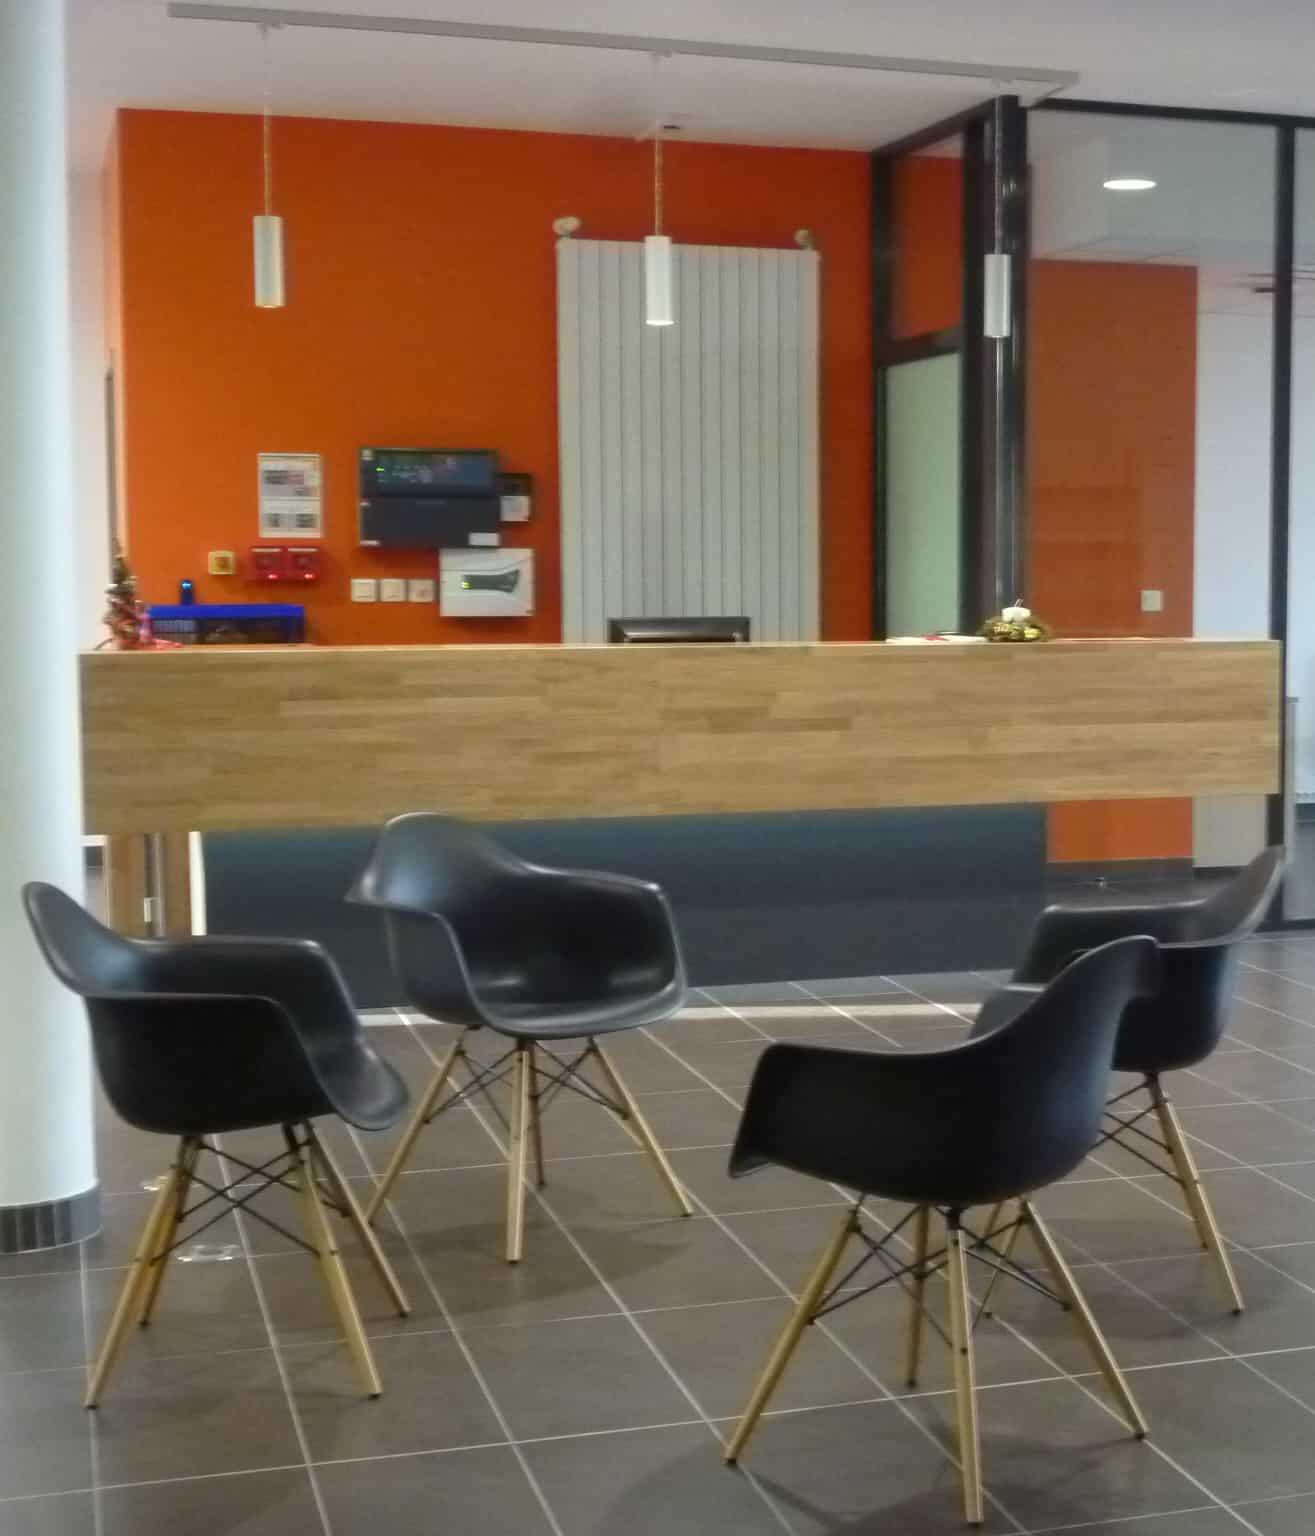 Agencement mobilier d'accueil bureaux (Saint LÔ (Manche - 50) en Normandie)